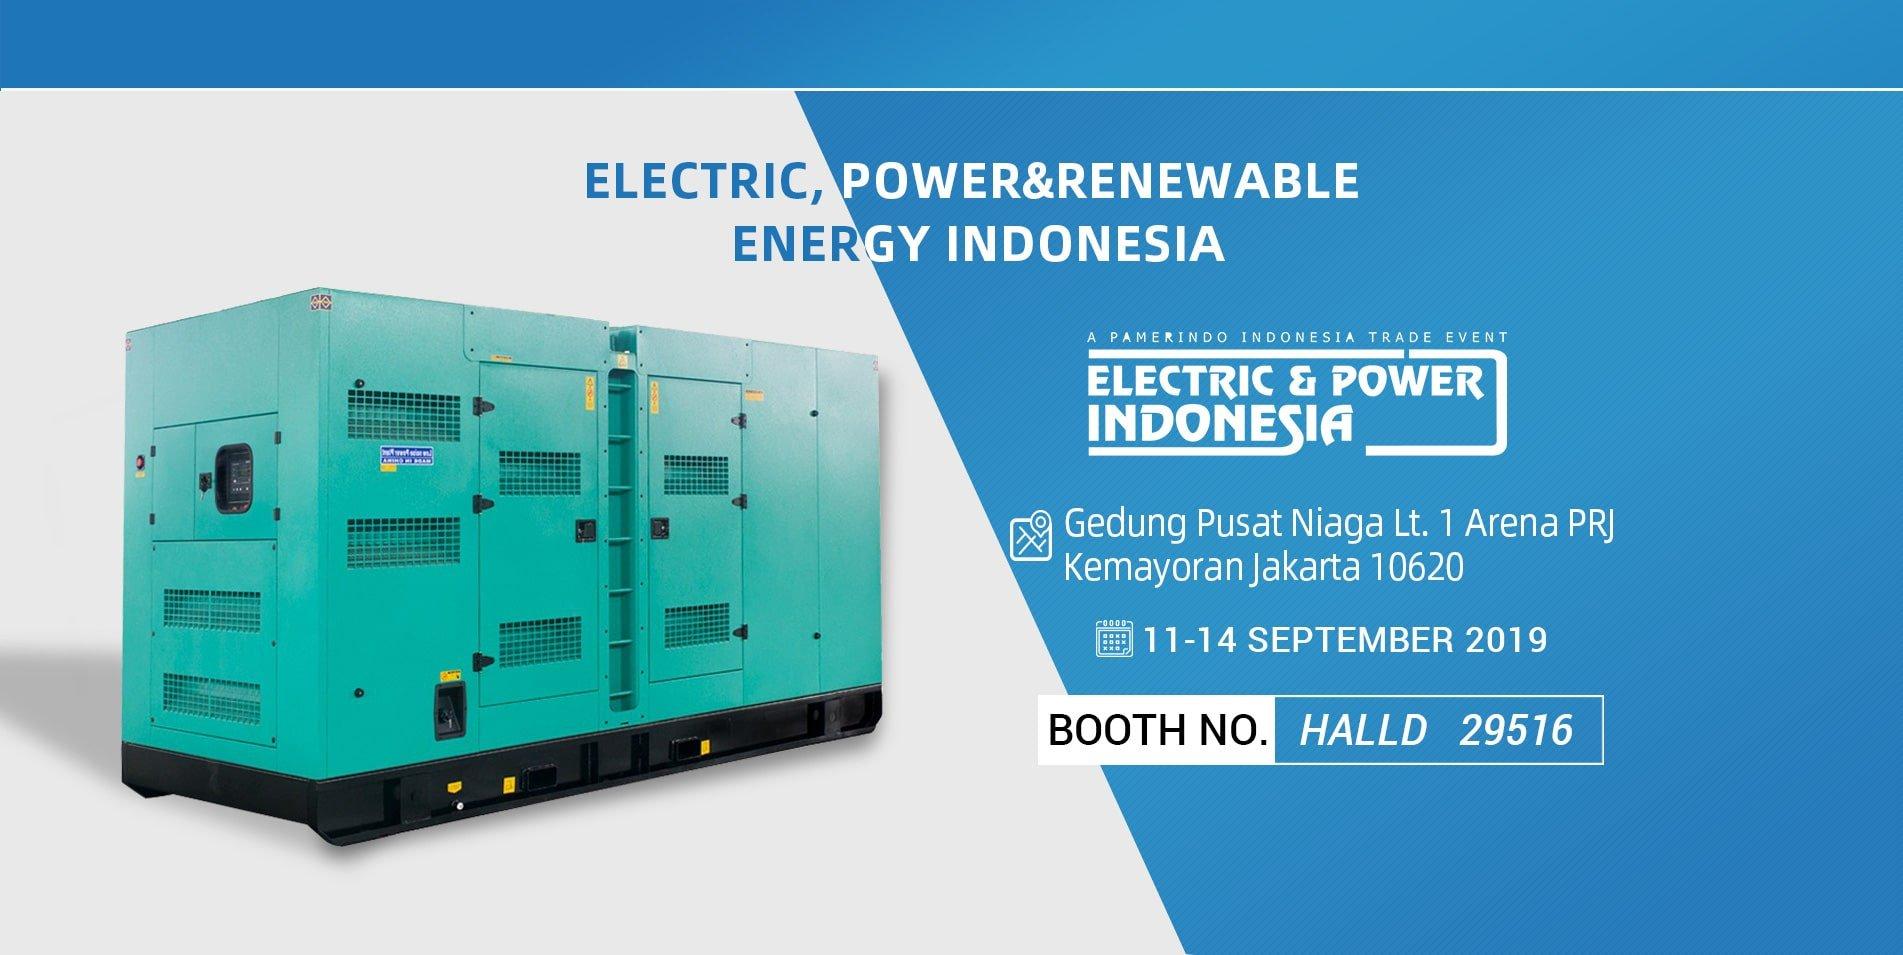 Electric,Power&RenewableEnergyIndonesia 2019